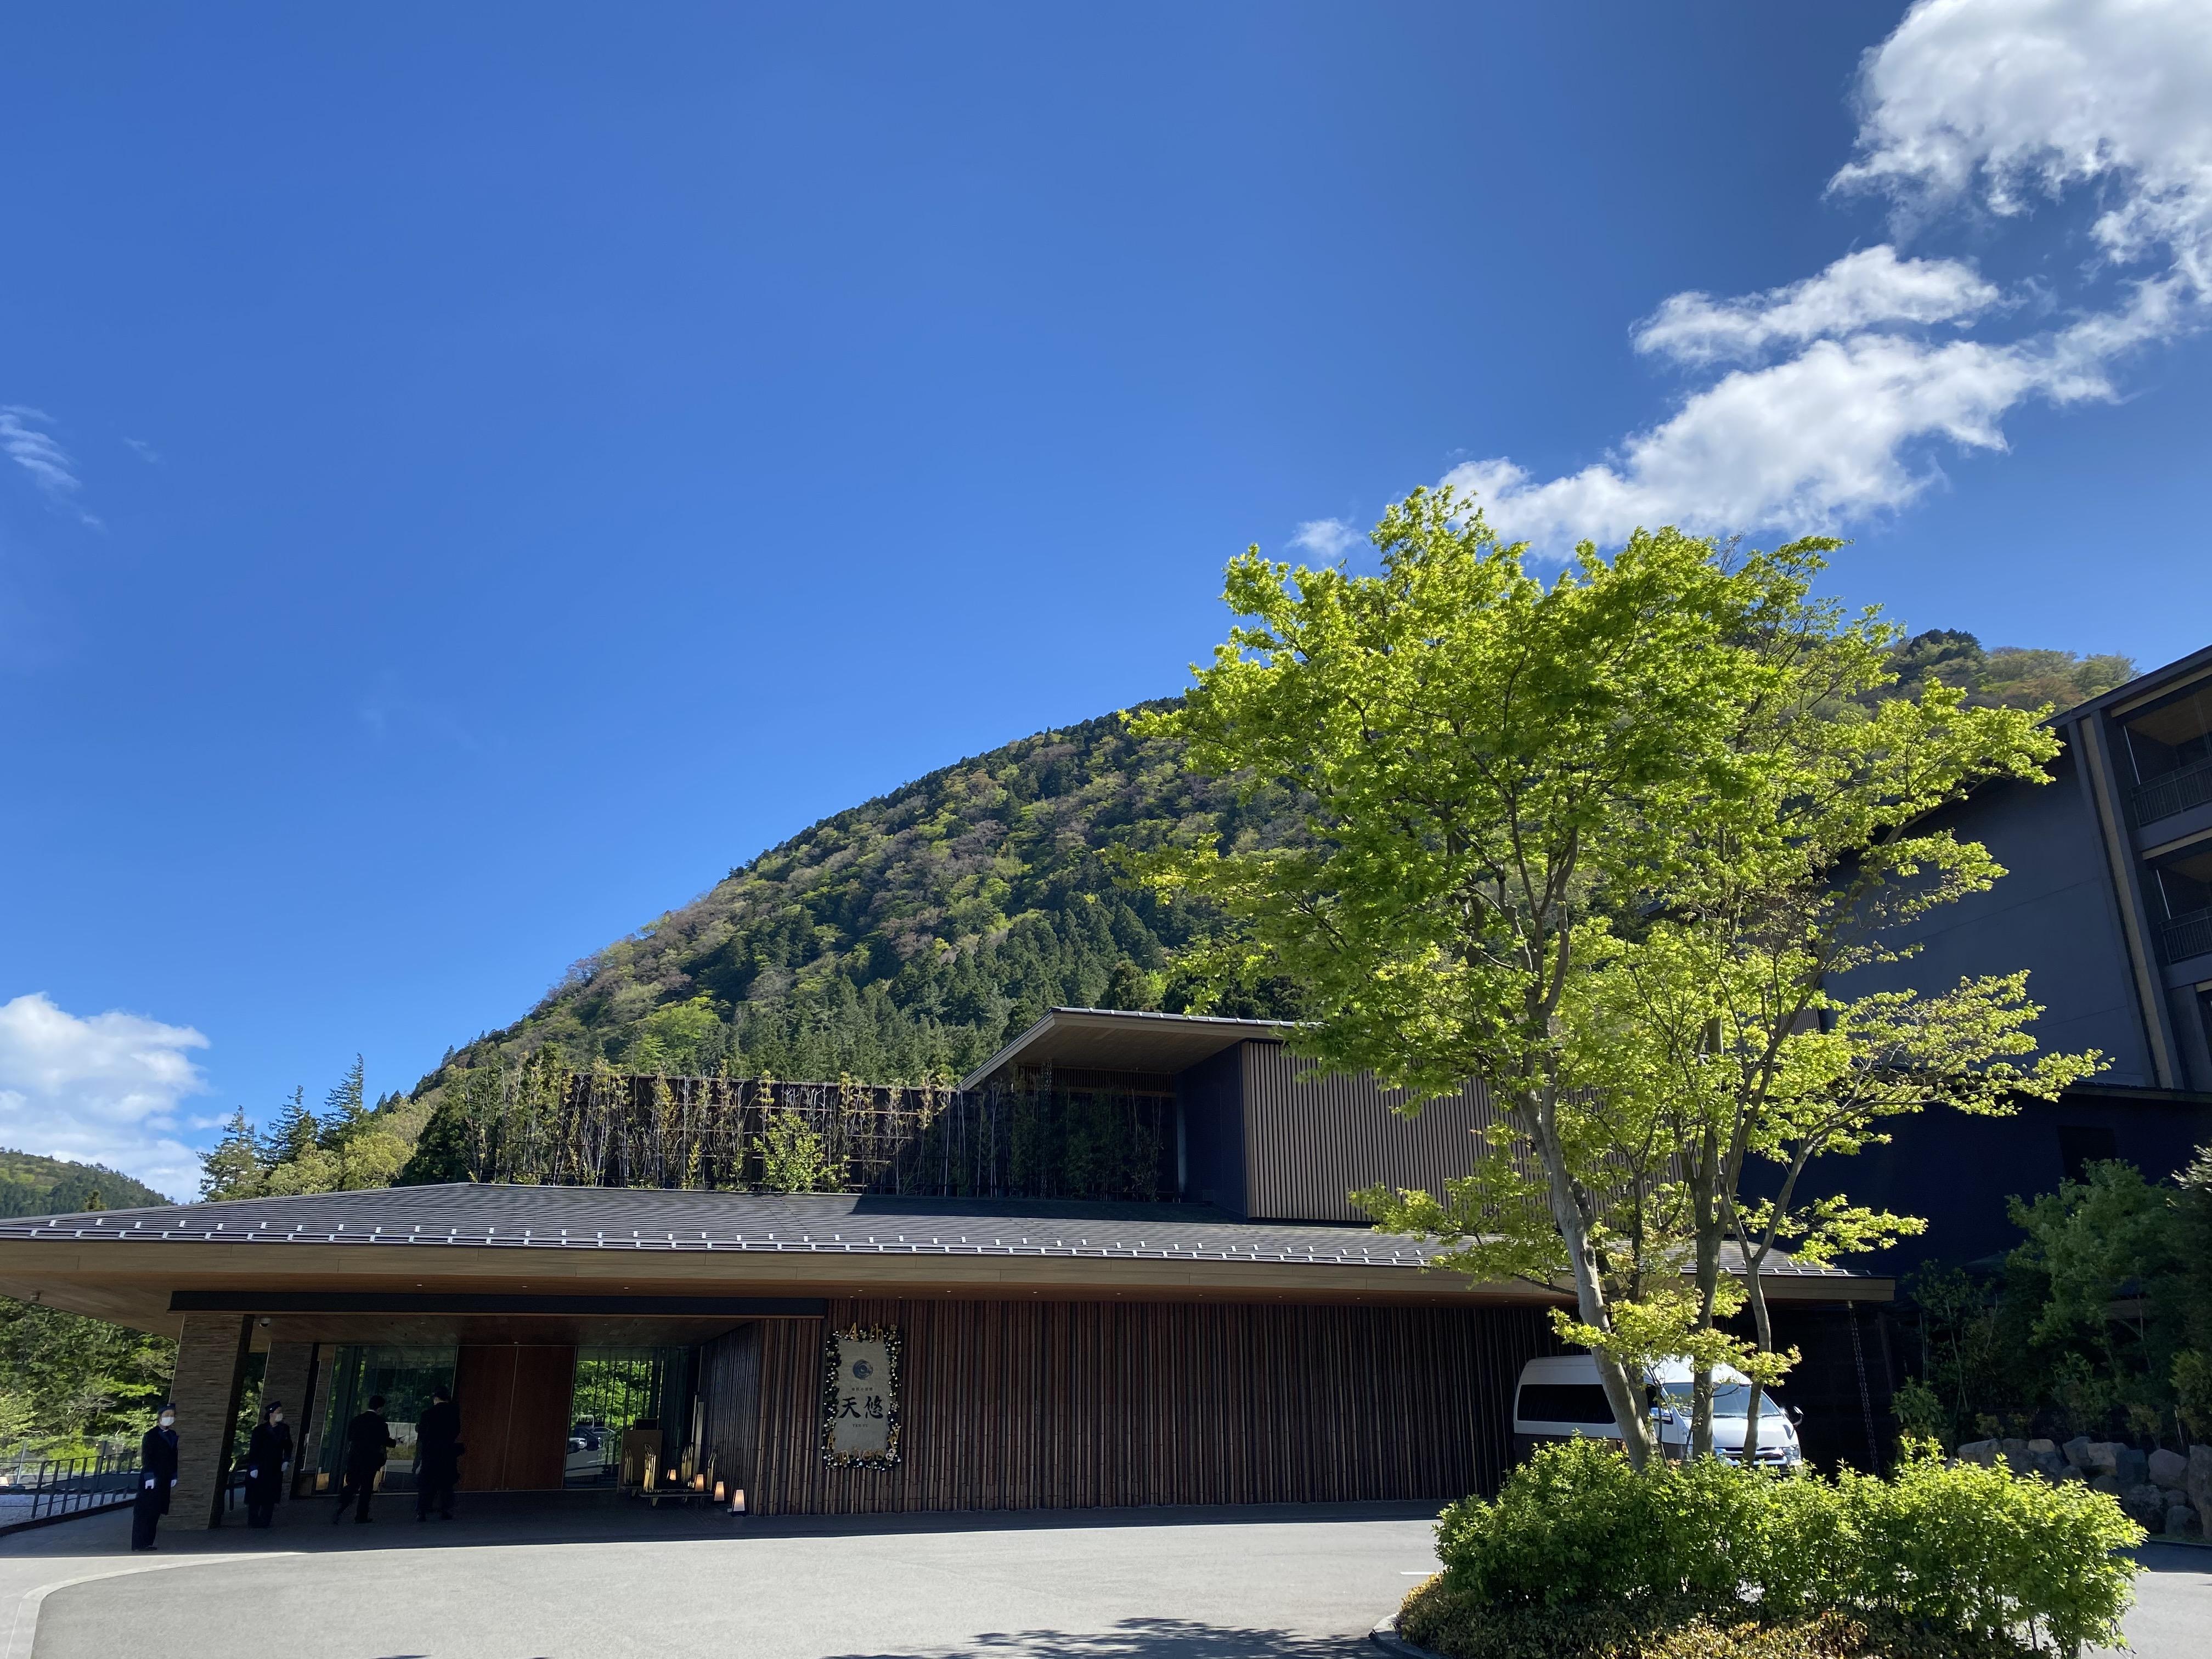 神奈川県民へ贈る、箱根小涌園 天悠で箱根の魅力再発見旅